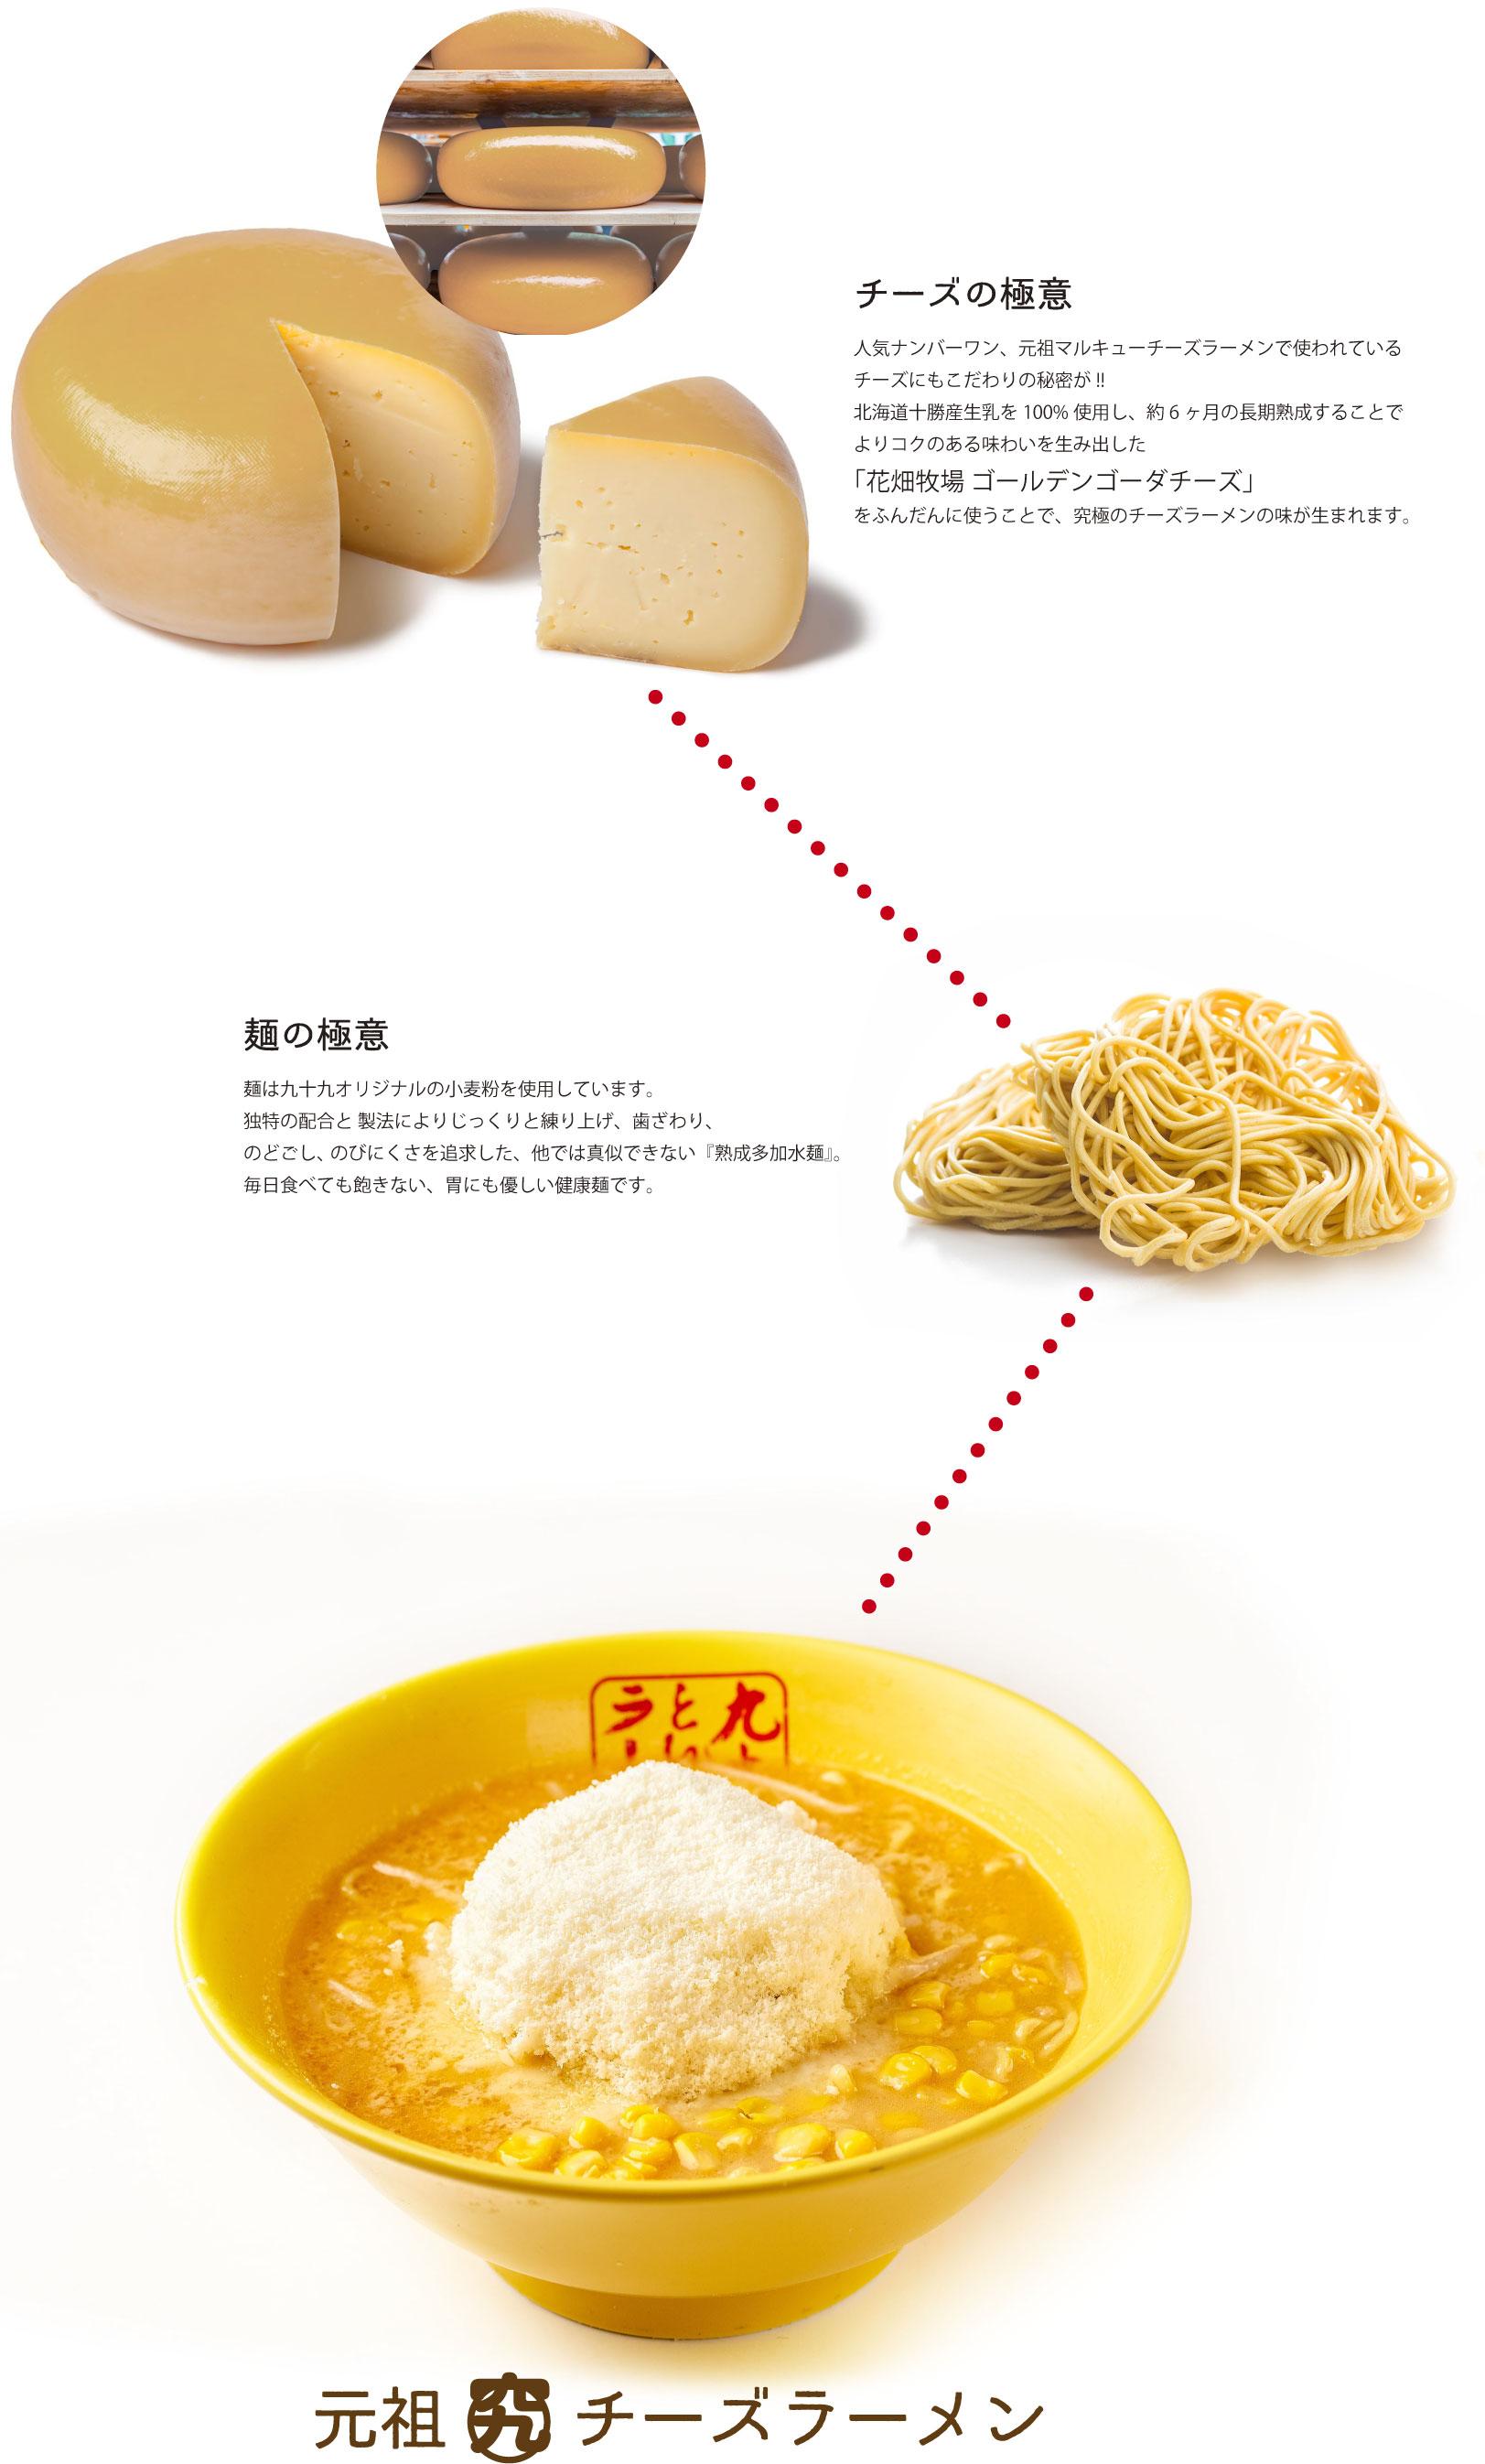 チーズの極意人気ナンバーワン、元祖マルキューチーズラーメンで使われているチーズにもこだわりの秘密が!! 北海道十勝産生乳を100%使用し、約6ヶ月の長期熟成することでよりコクのある味わいを生み出した「花畑牧場 ゴールデンゴーダチーズ」をふんだんに使うことで、究極のチーズラーメンの味が生まれます。、麺の極意麺は九十九オリジナルの小麦粉を使用しています。独特の配合と 製法によりじっくりと練り上げ、歯ざわり、のどごし、 のびにくさを追求した、他では真似できない『熟成多加水麺』。 毎日食べても飽きない、胃にも優しい健康麺です。